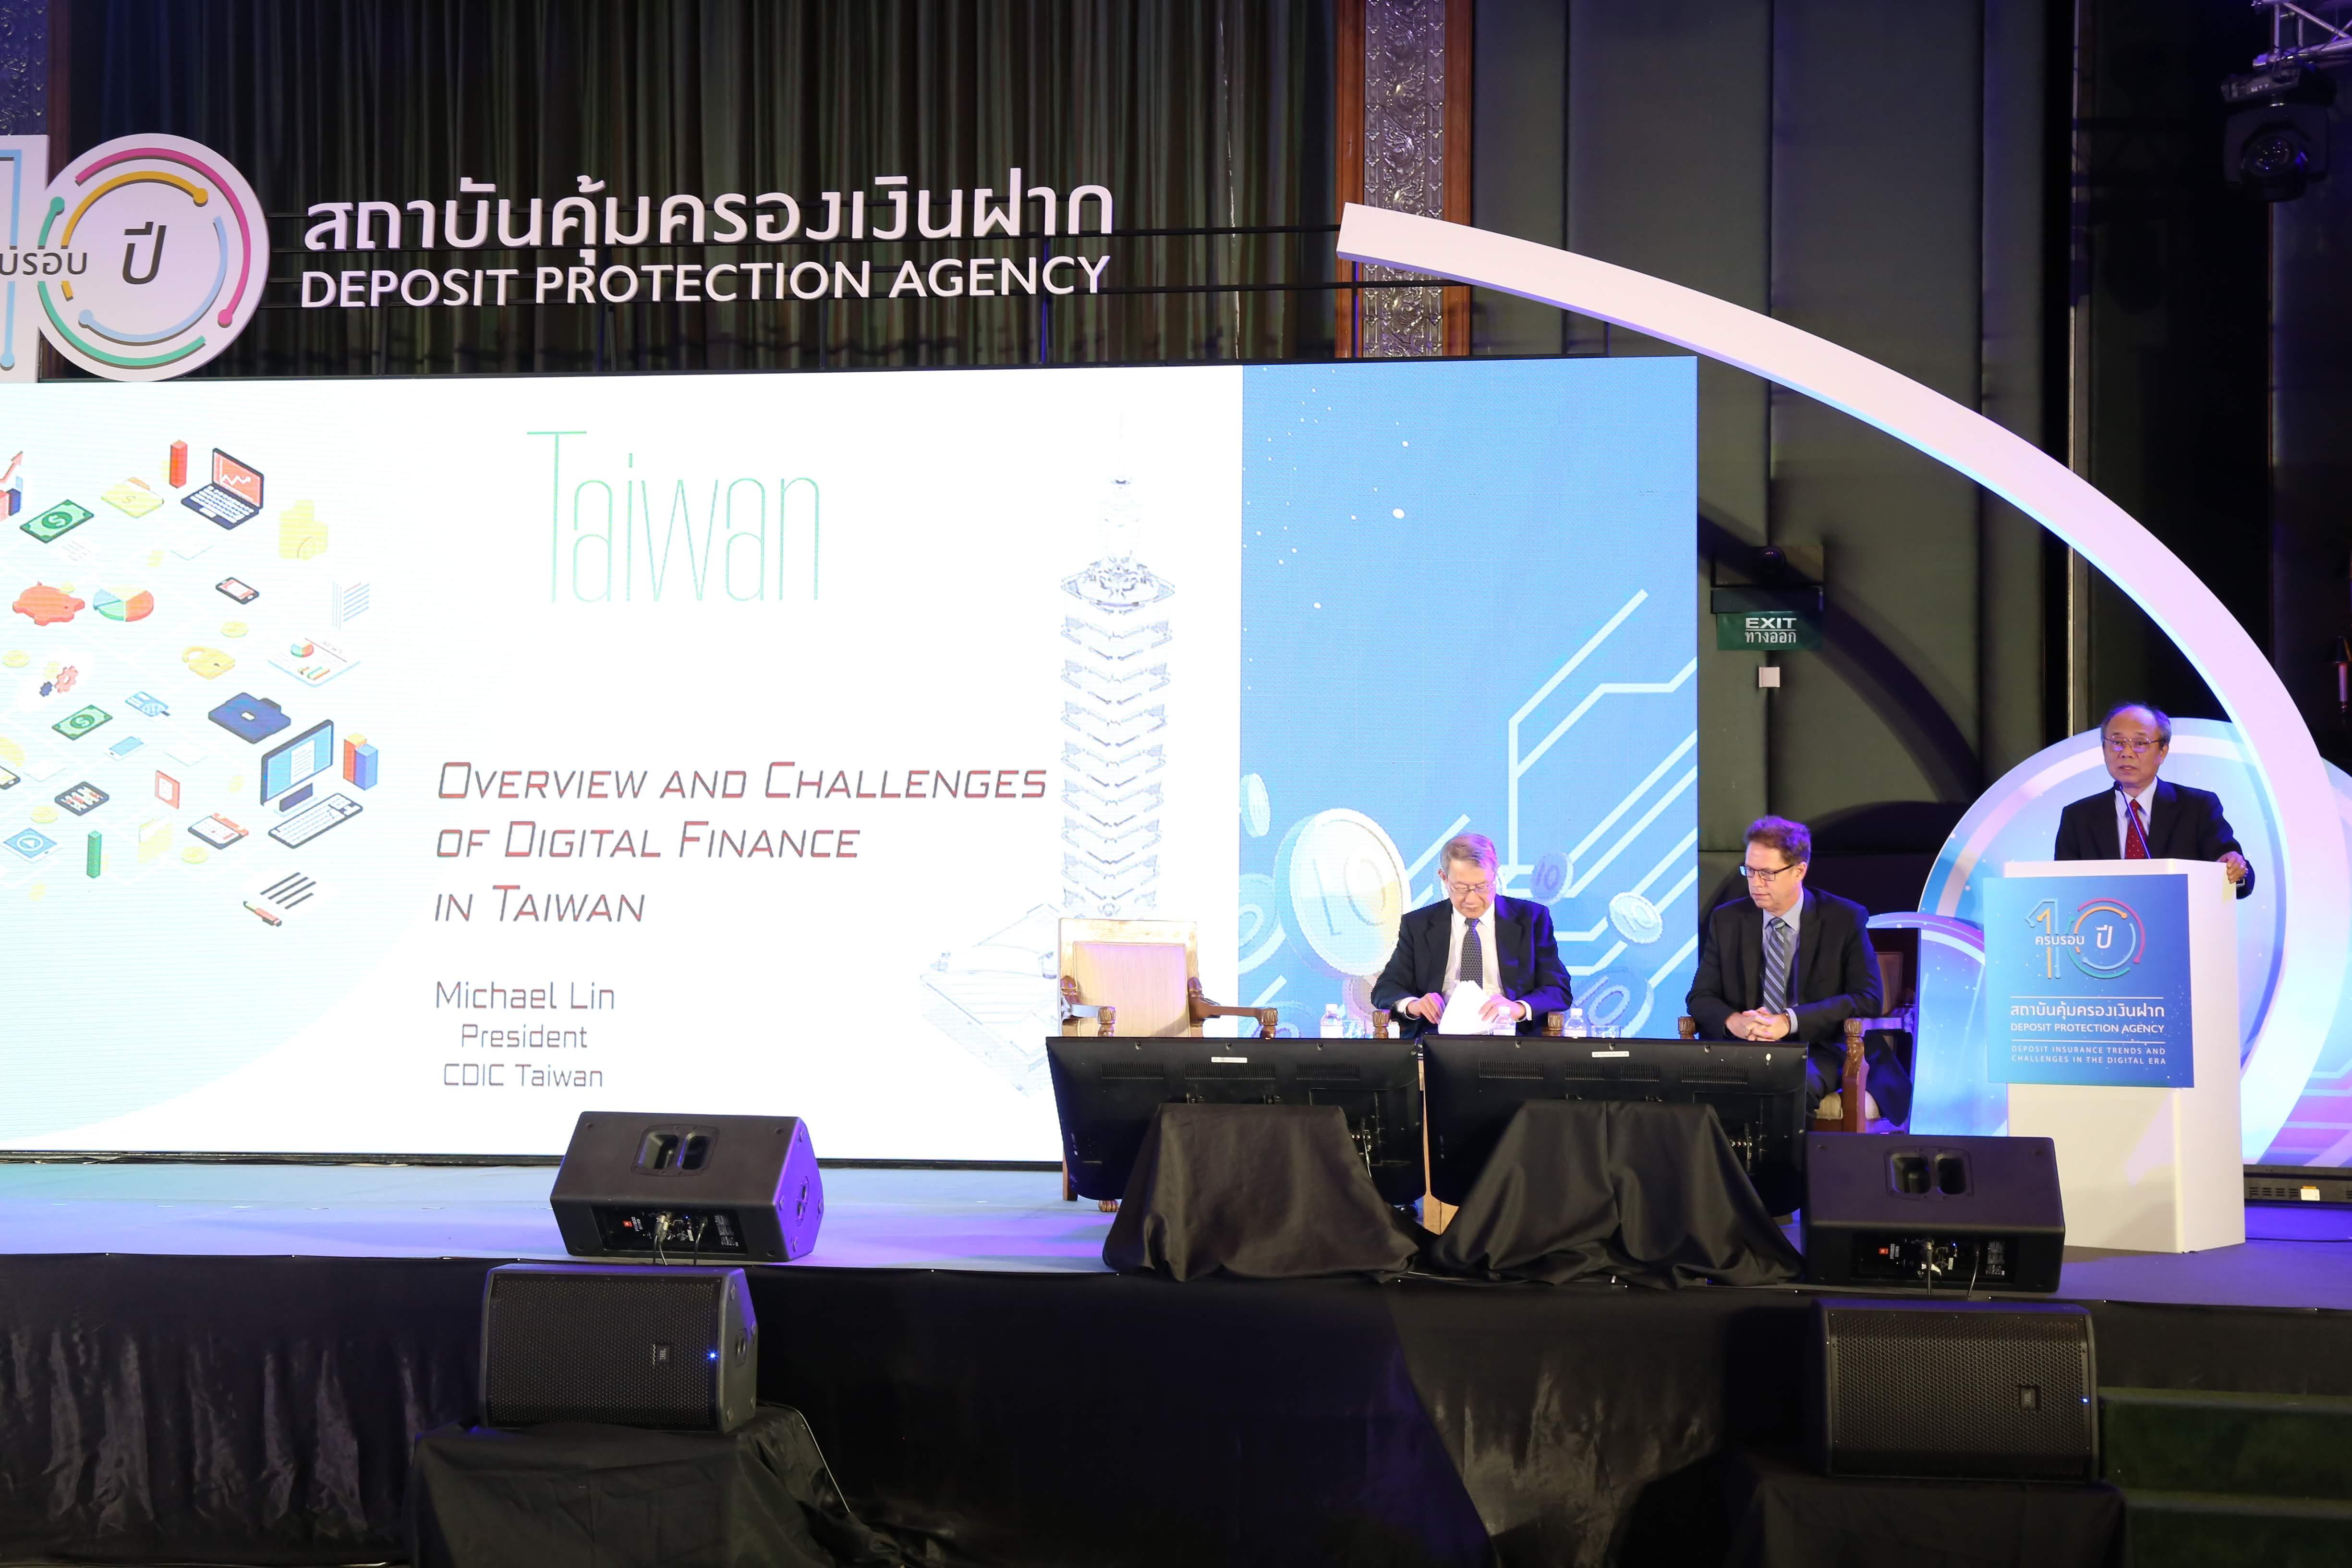 本公司總經理林銘寬(右)於研討會第二場次「存款保險與數位化時代」 擔任講座